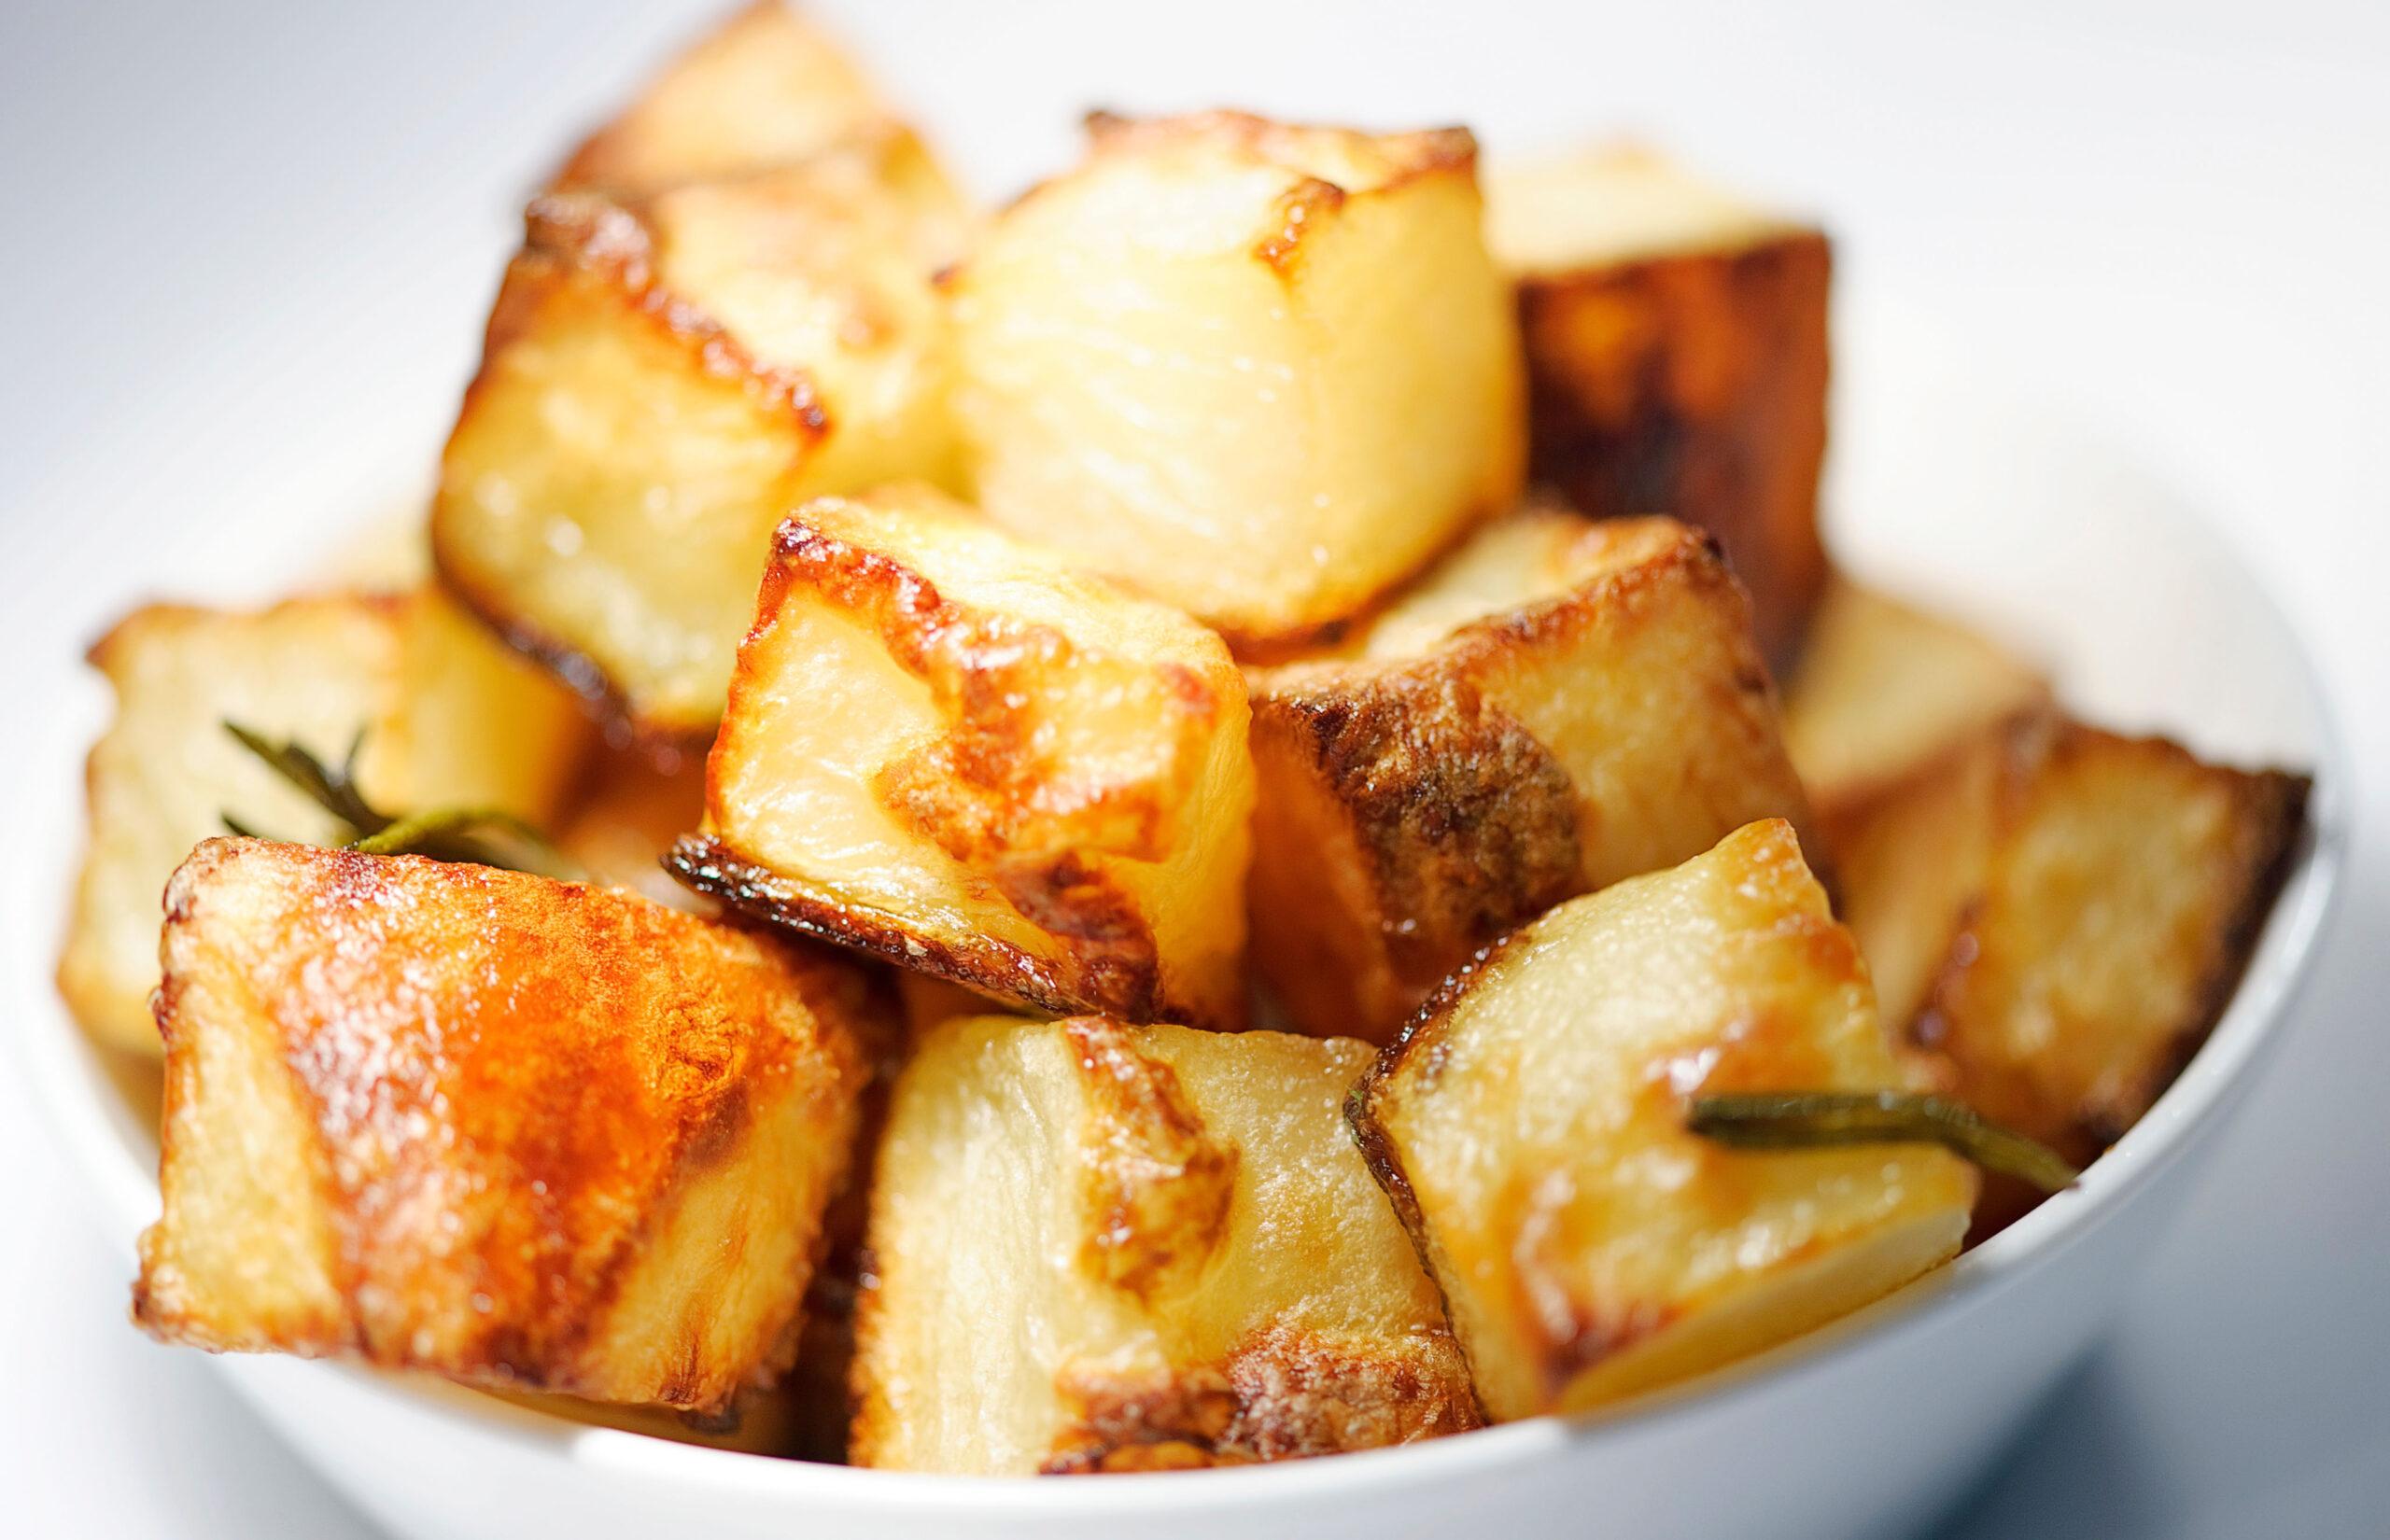 Roast potato hacks